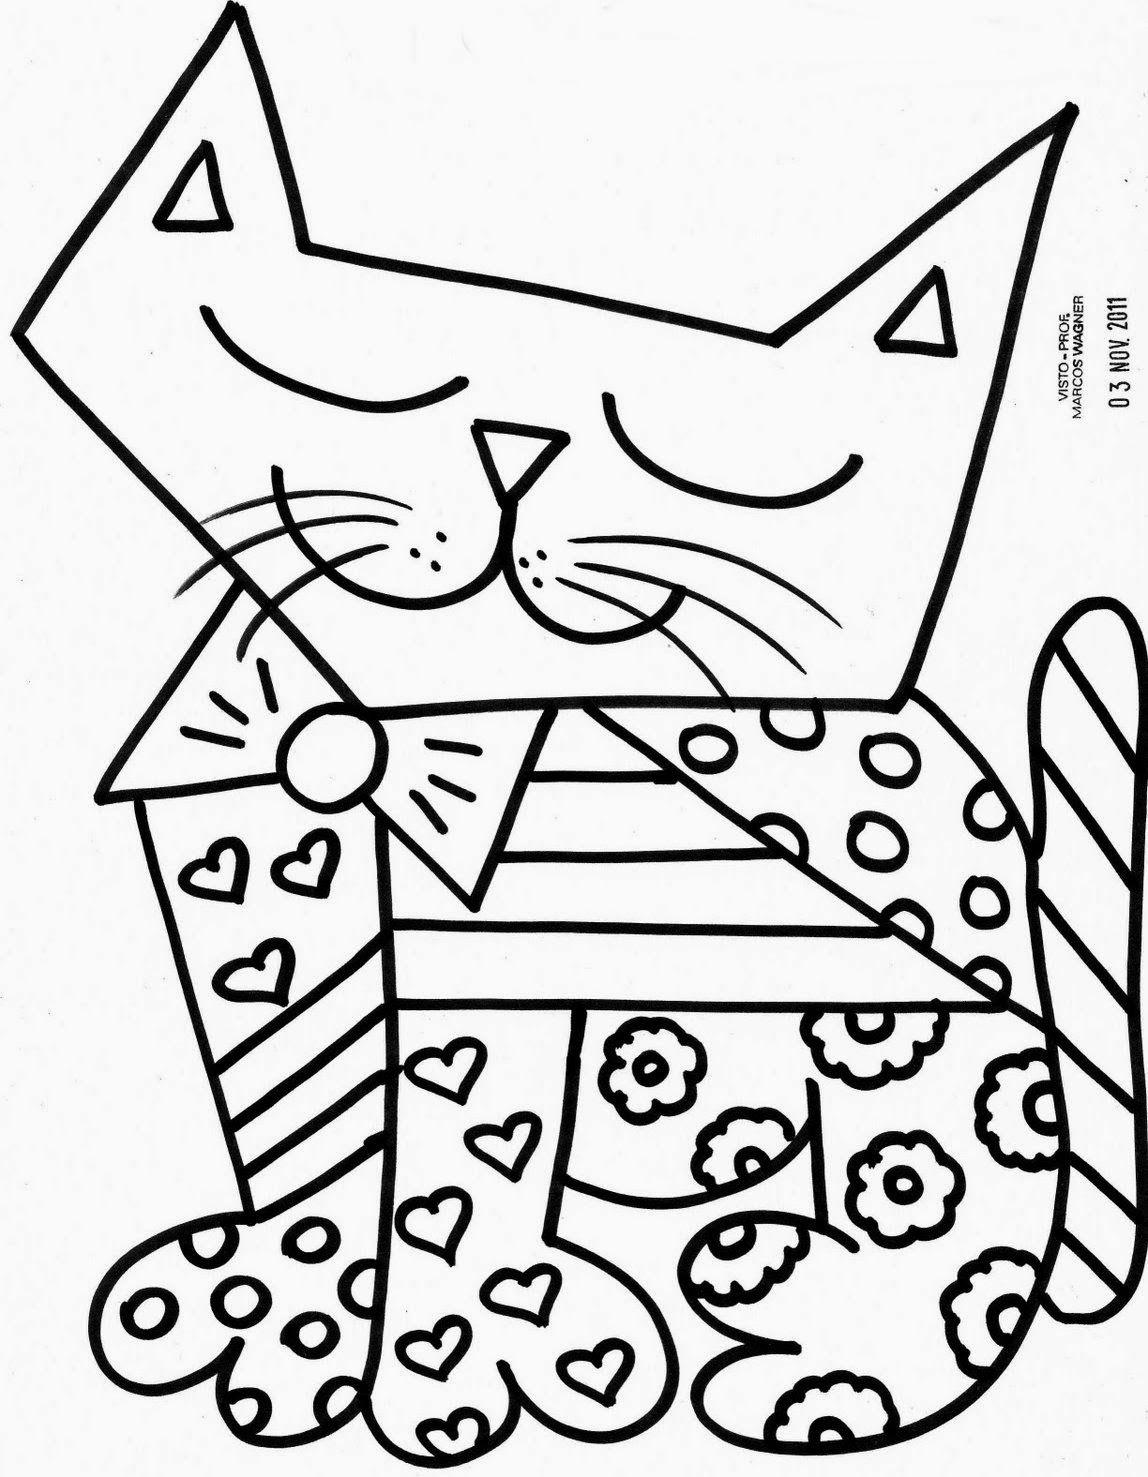 Populares Desenhos de obras de Romero Britto para pintar, colorir, imprimir  VD36